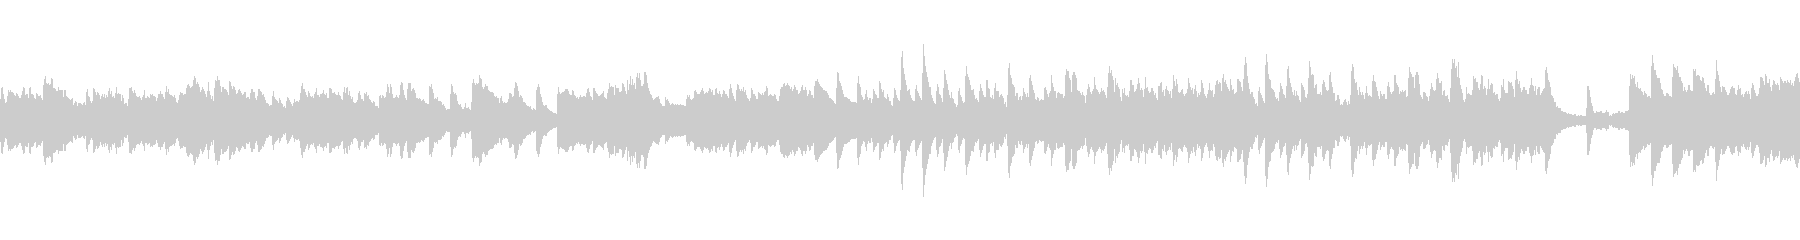 反芻するような豊かな旋律がメインのピアノの未再生の波形